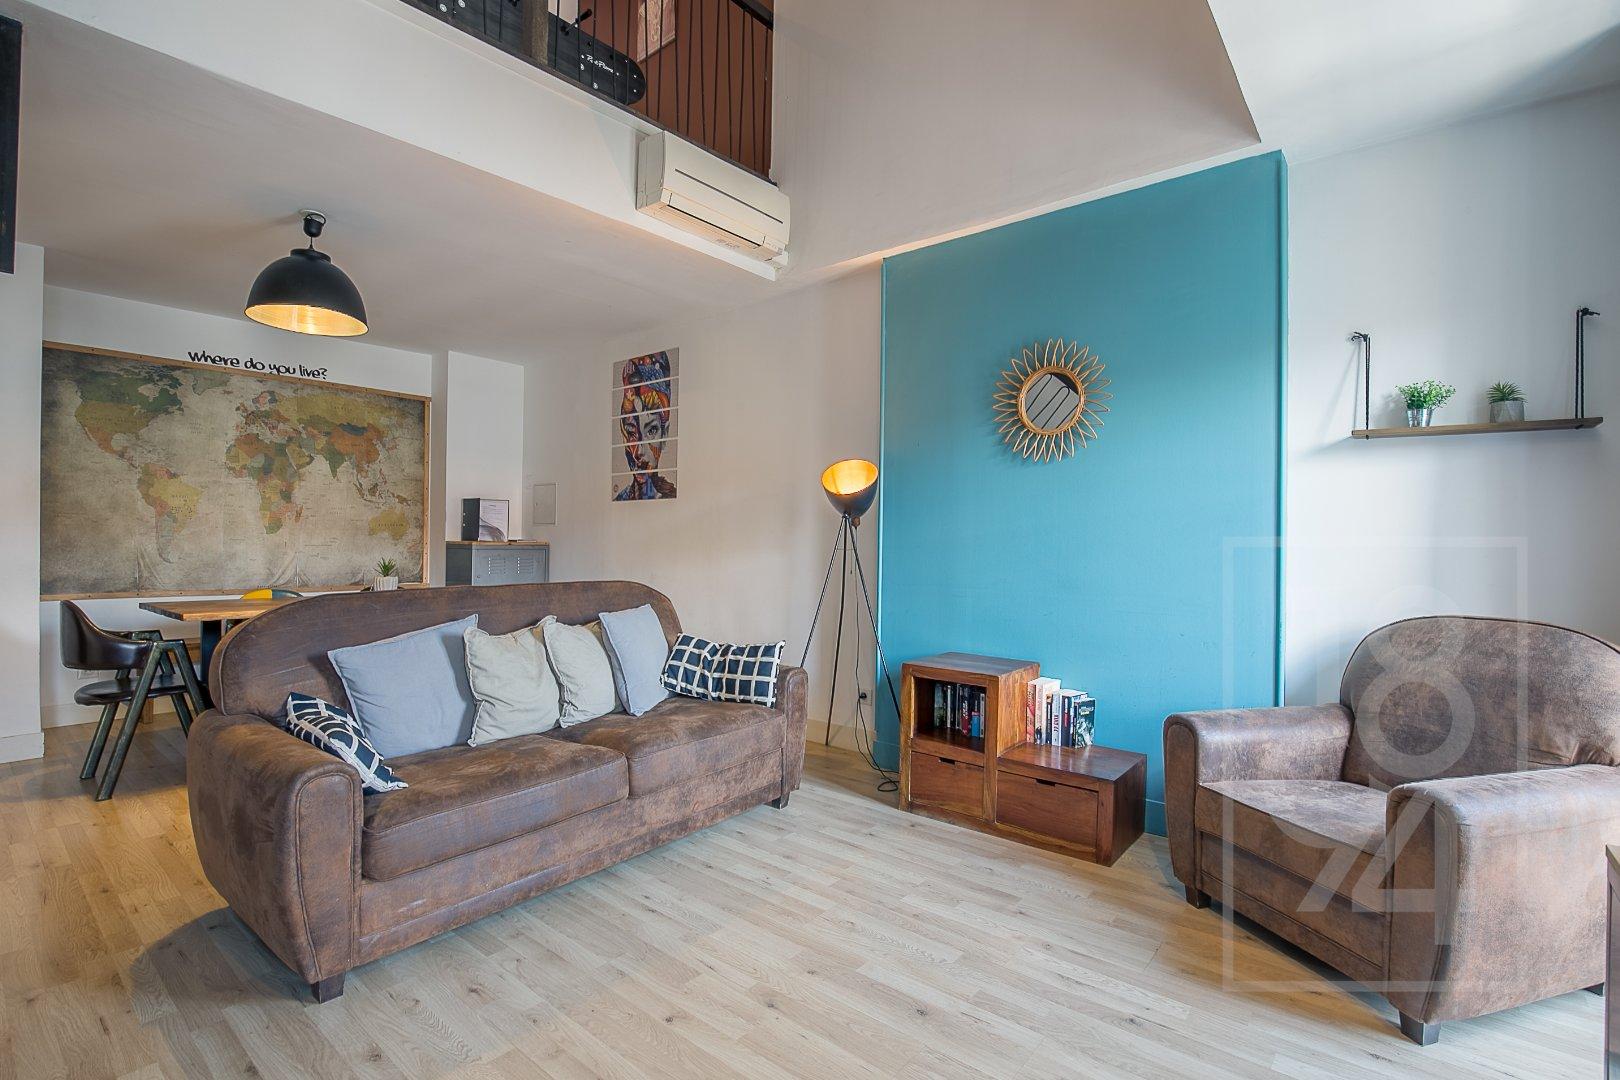 Appartement Duplex T3 de 91m² République 2°arrdt